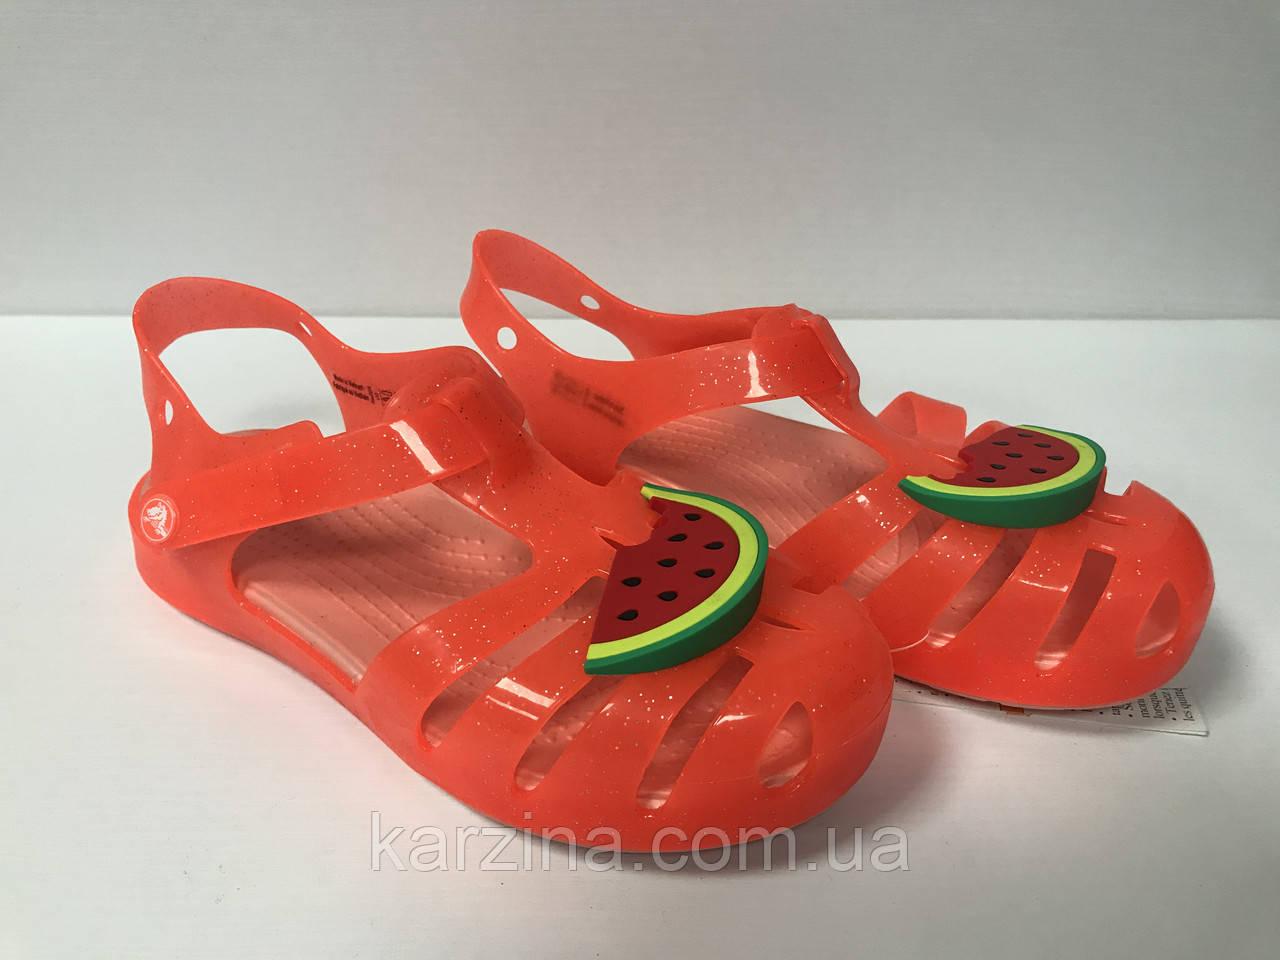 Crocs Isabella Charm C13 Оригинал